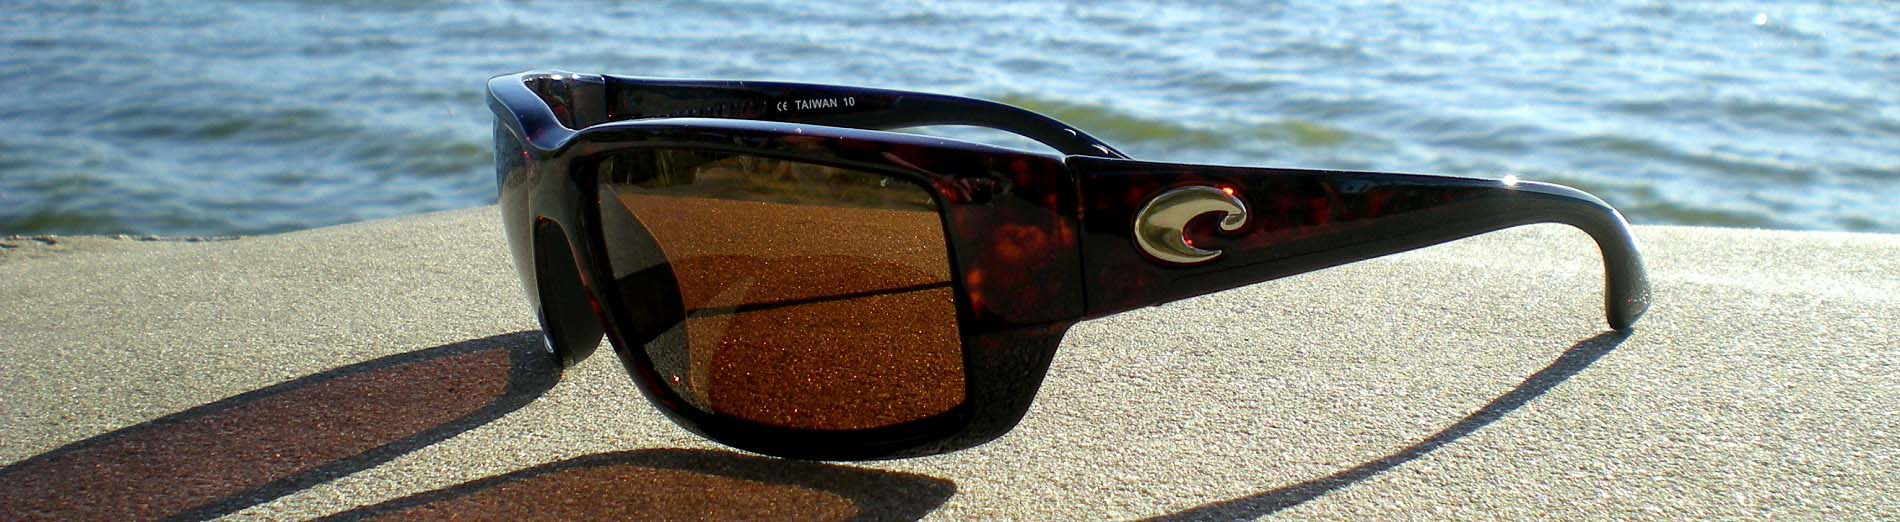 eaab9c4ddc Costa Del Mar Fantail Sunglasses - BassGrab